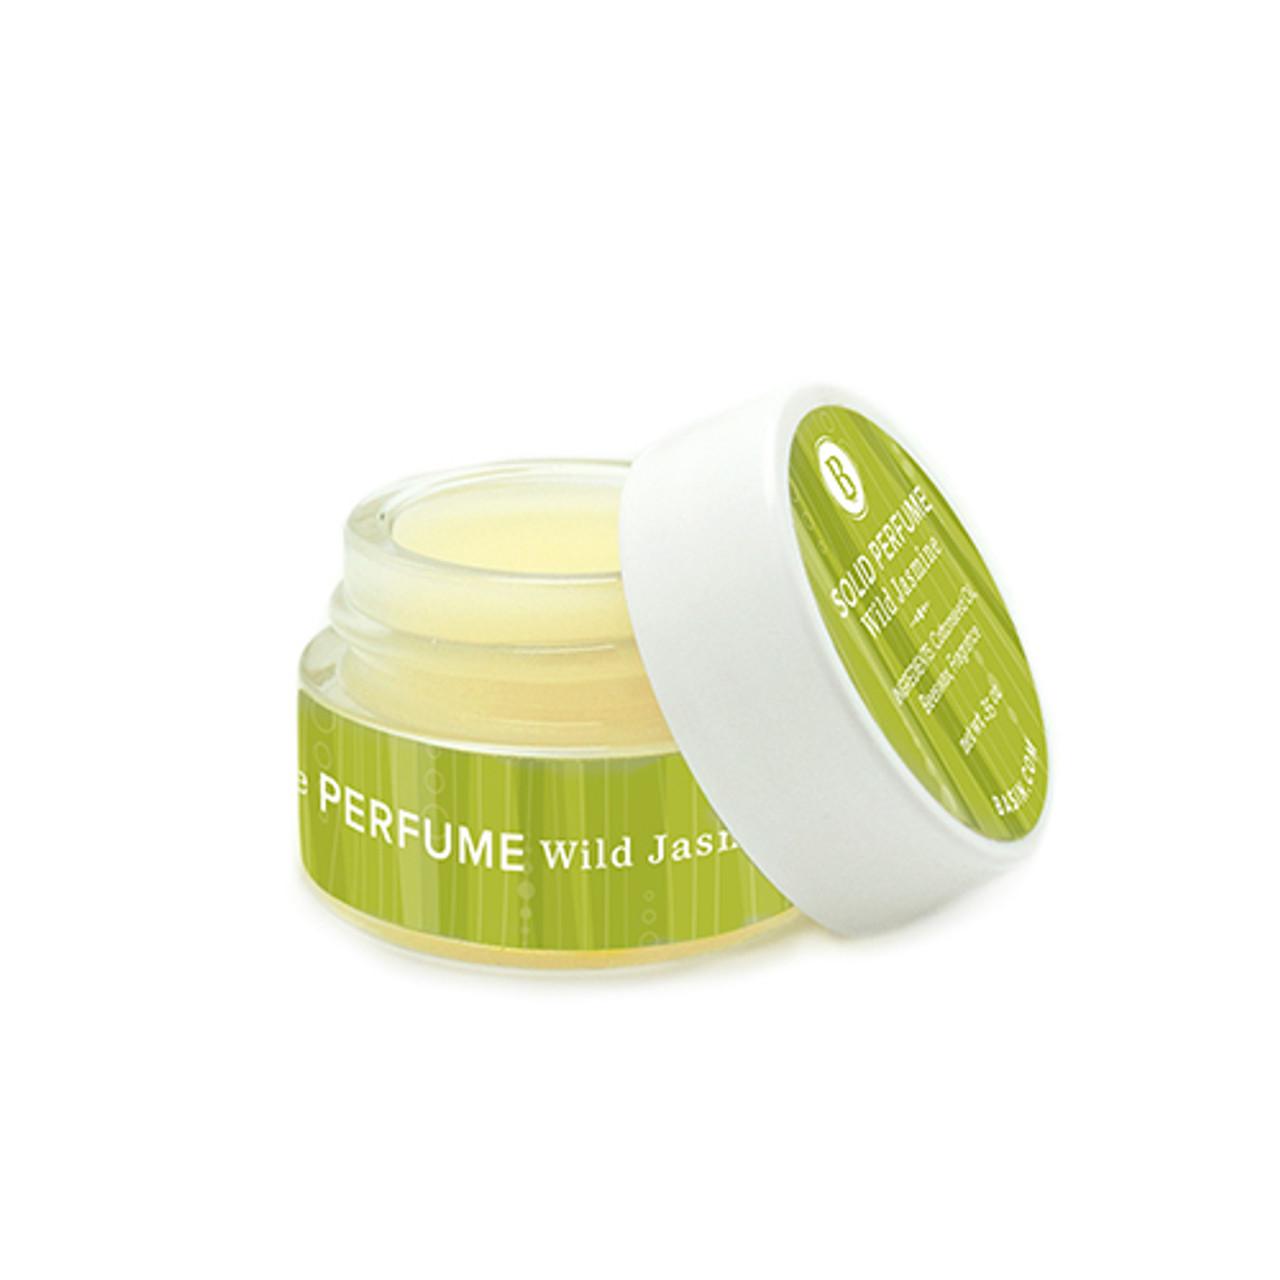 Wild Jasmine Solid Perfume